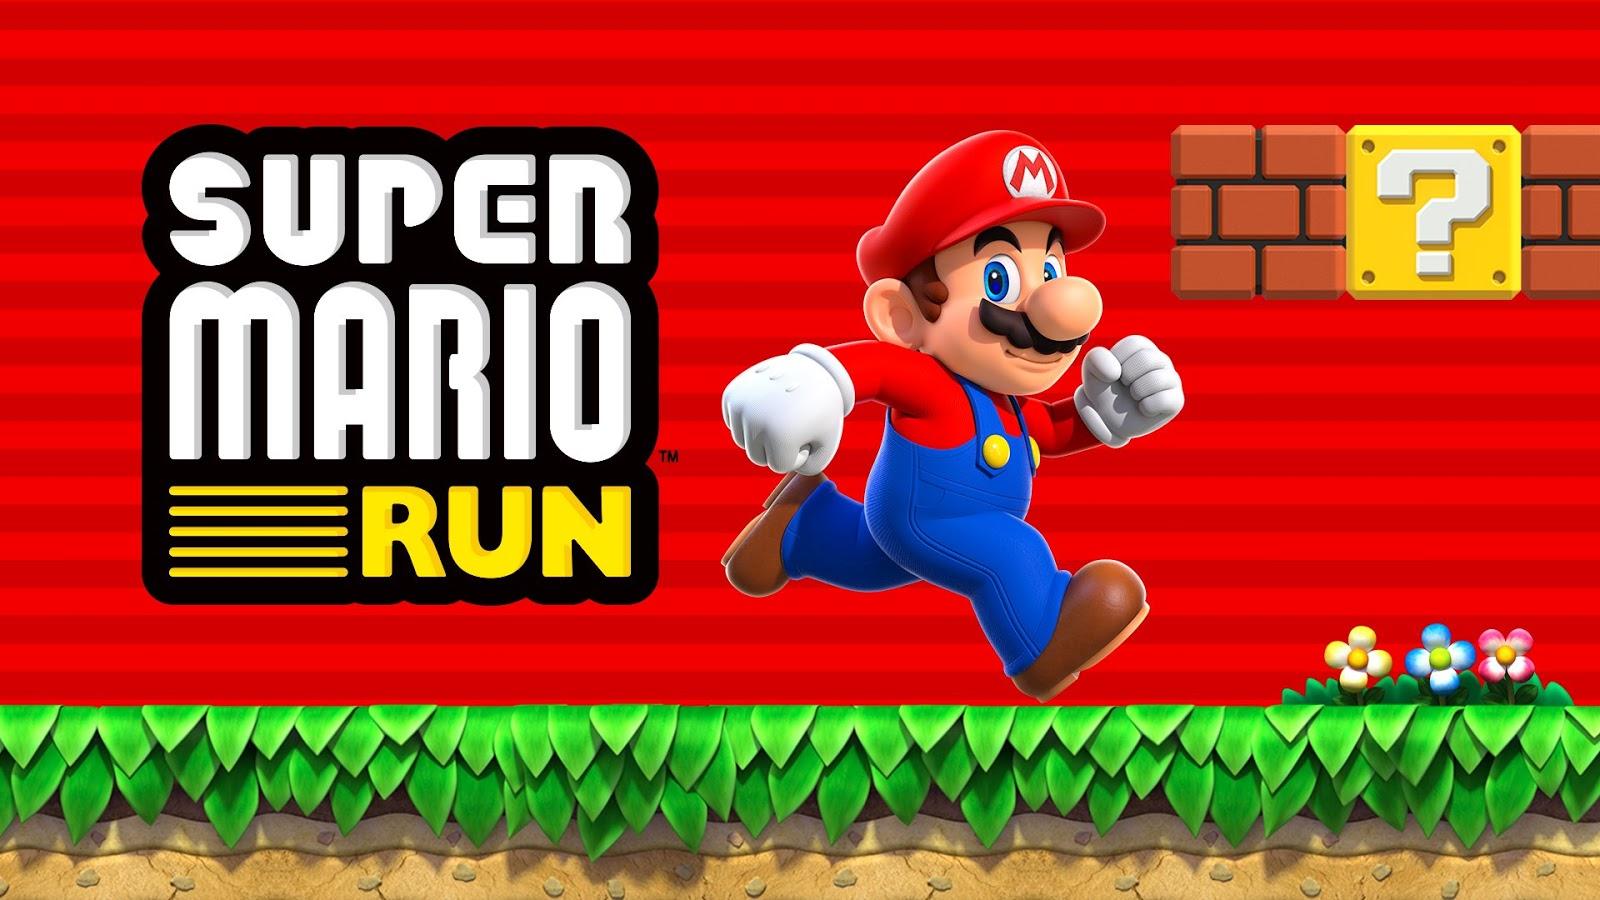 Super Mario Run trucchi su come saltare